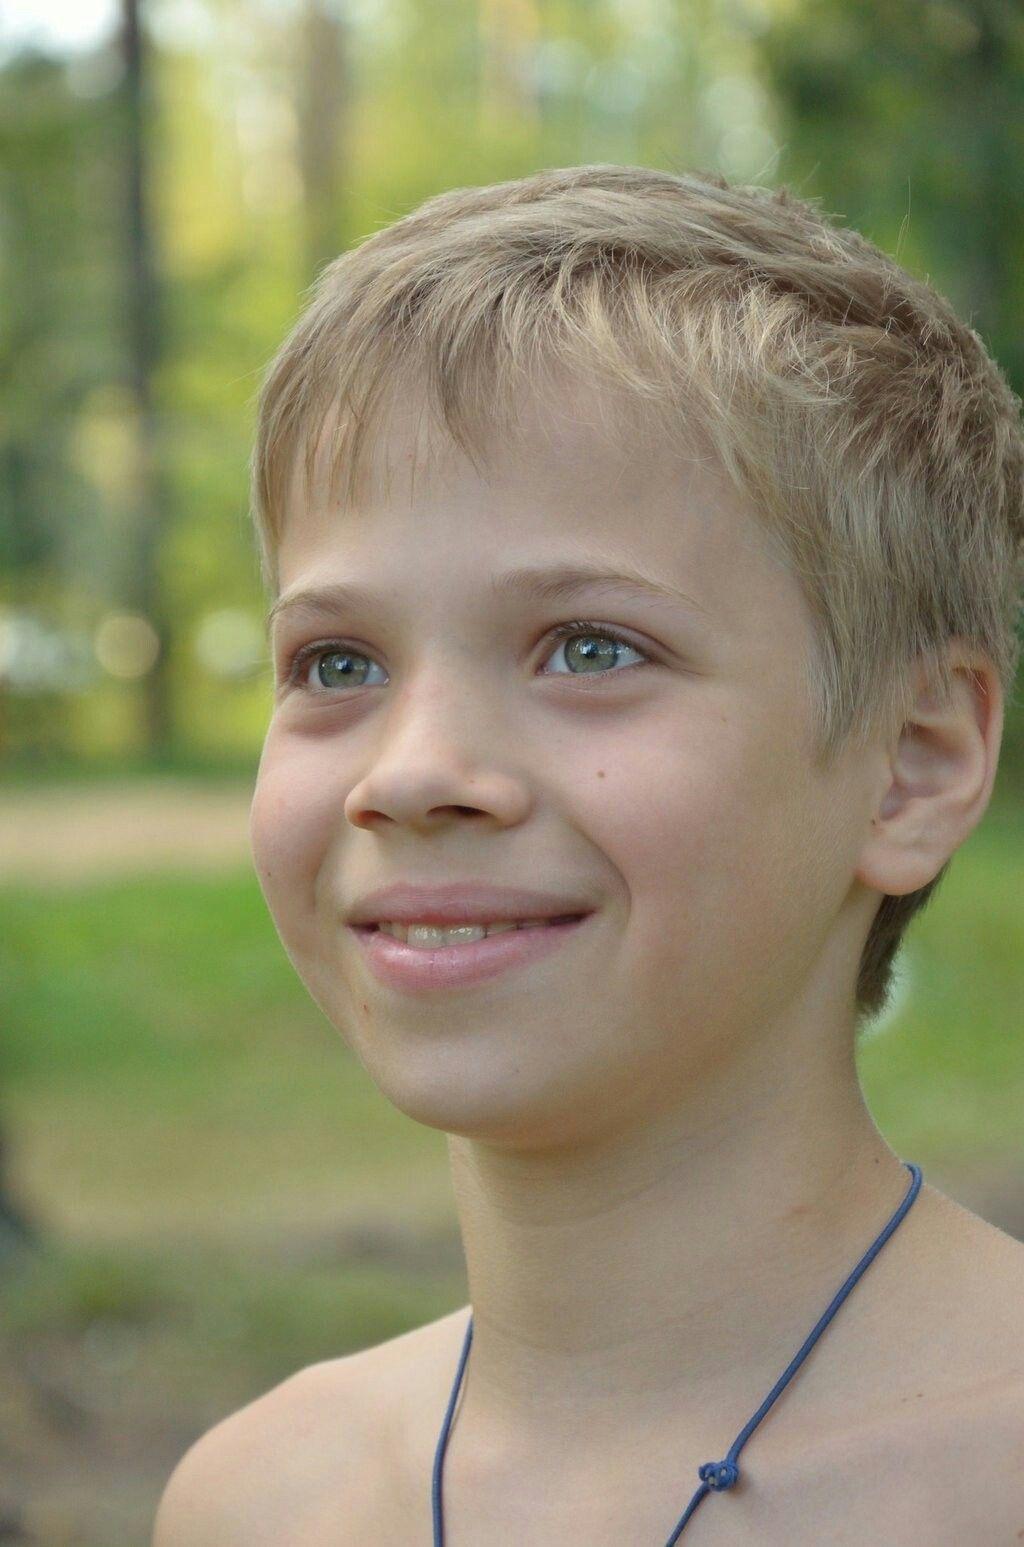 Pin By Norman Sperber On Children Pinterest Boy Models